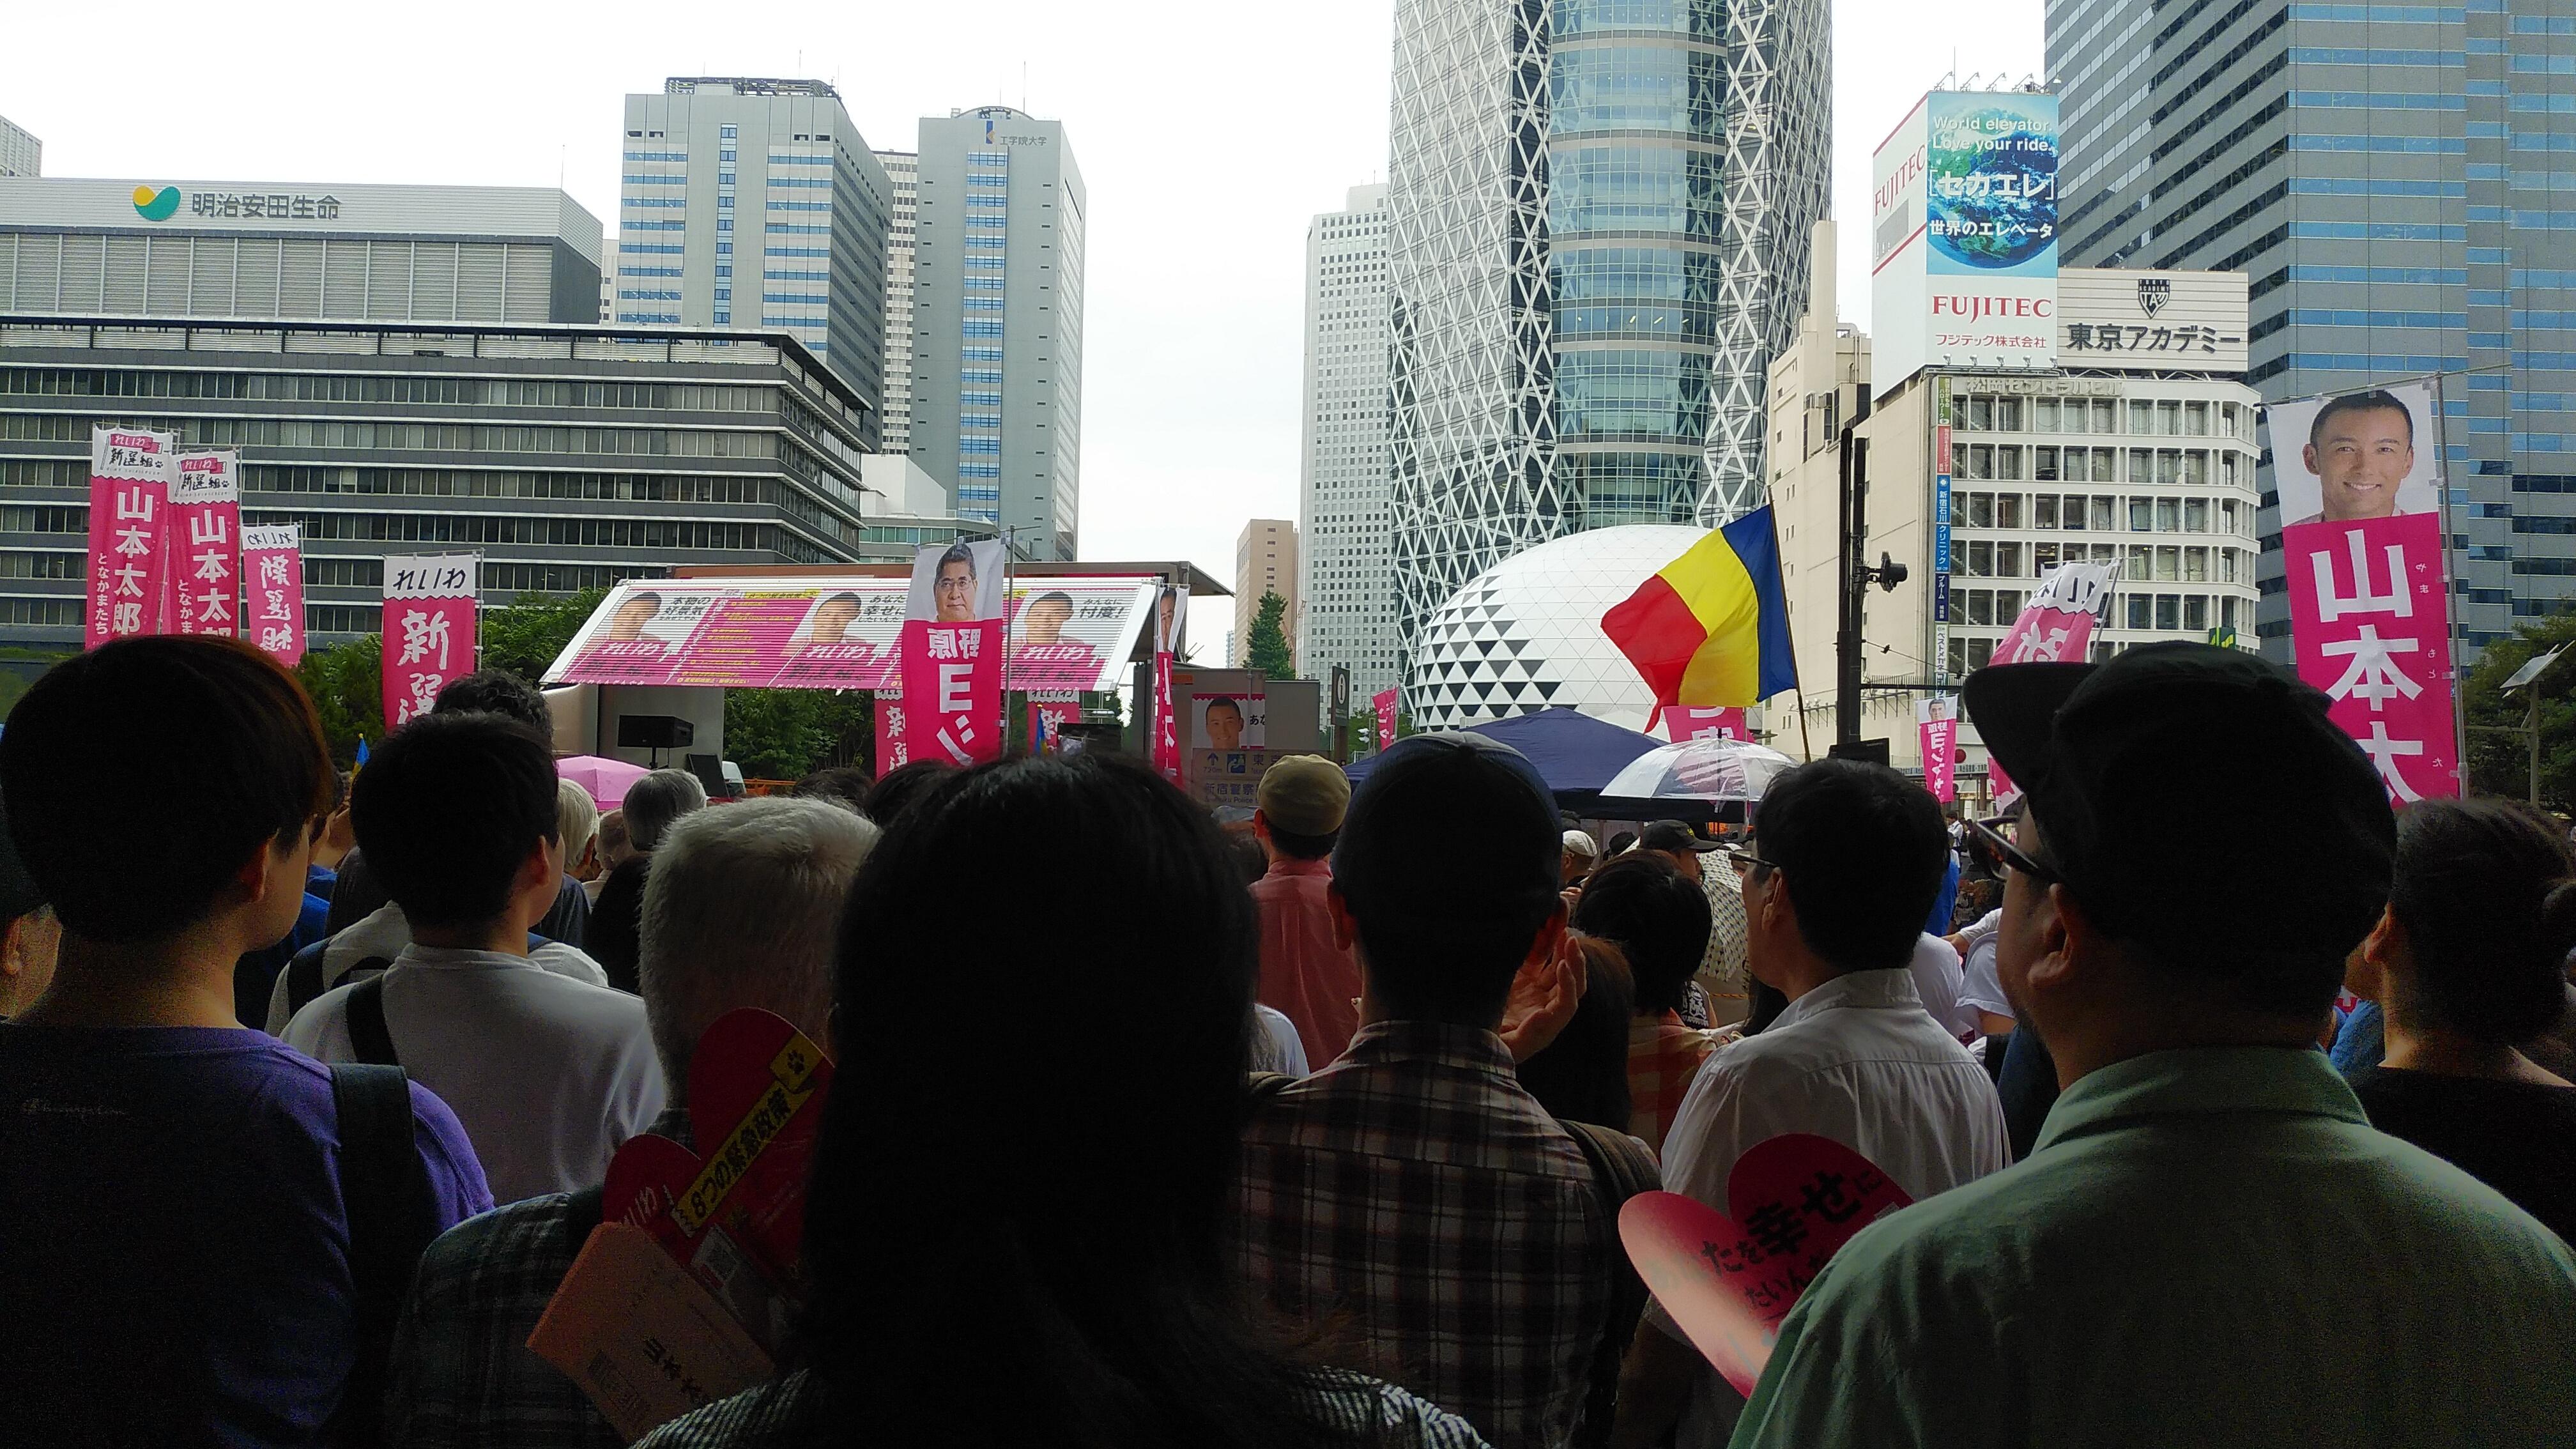 創価学会 山本太郎 創価信者の山本太郎が、福島第一原発の処理水放出に抗議